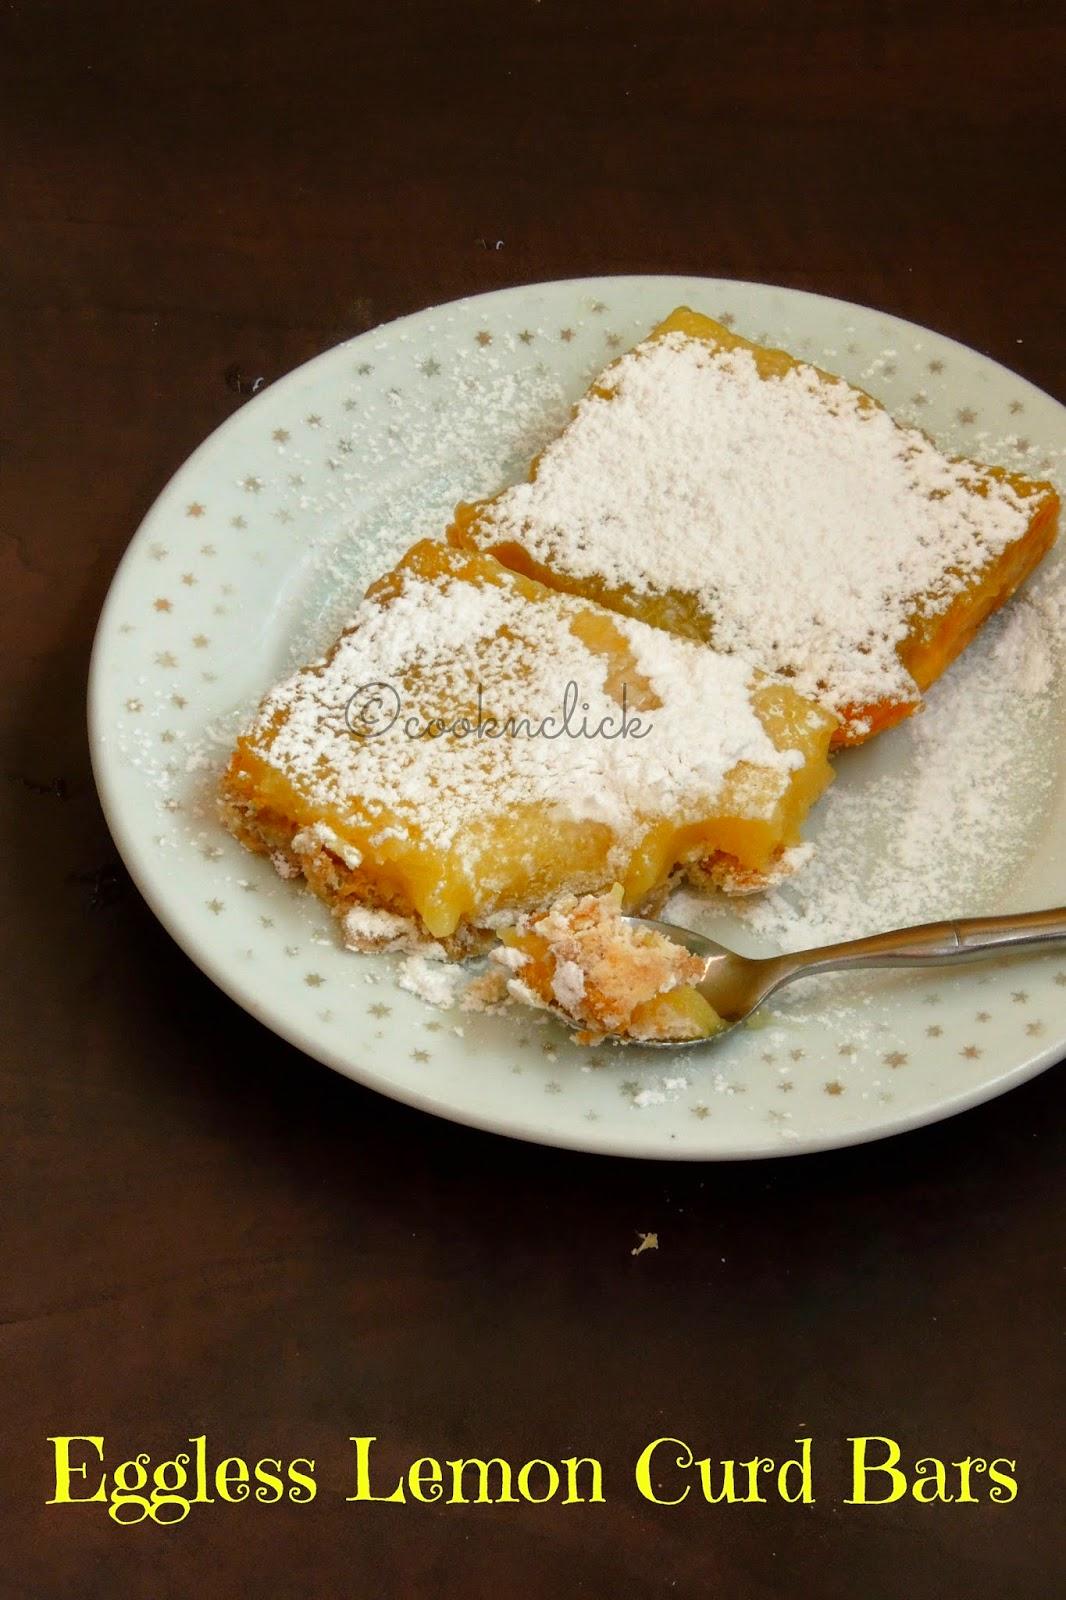 Eggless Lemon curd bars, Bars with eggless lemon curd